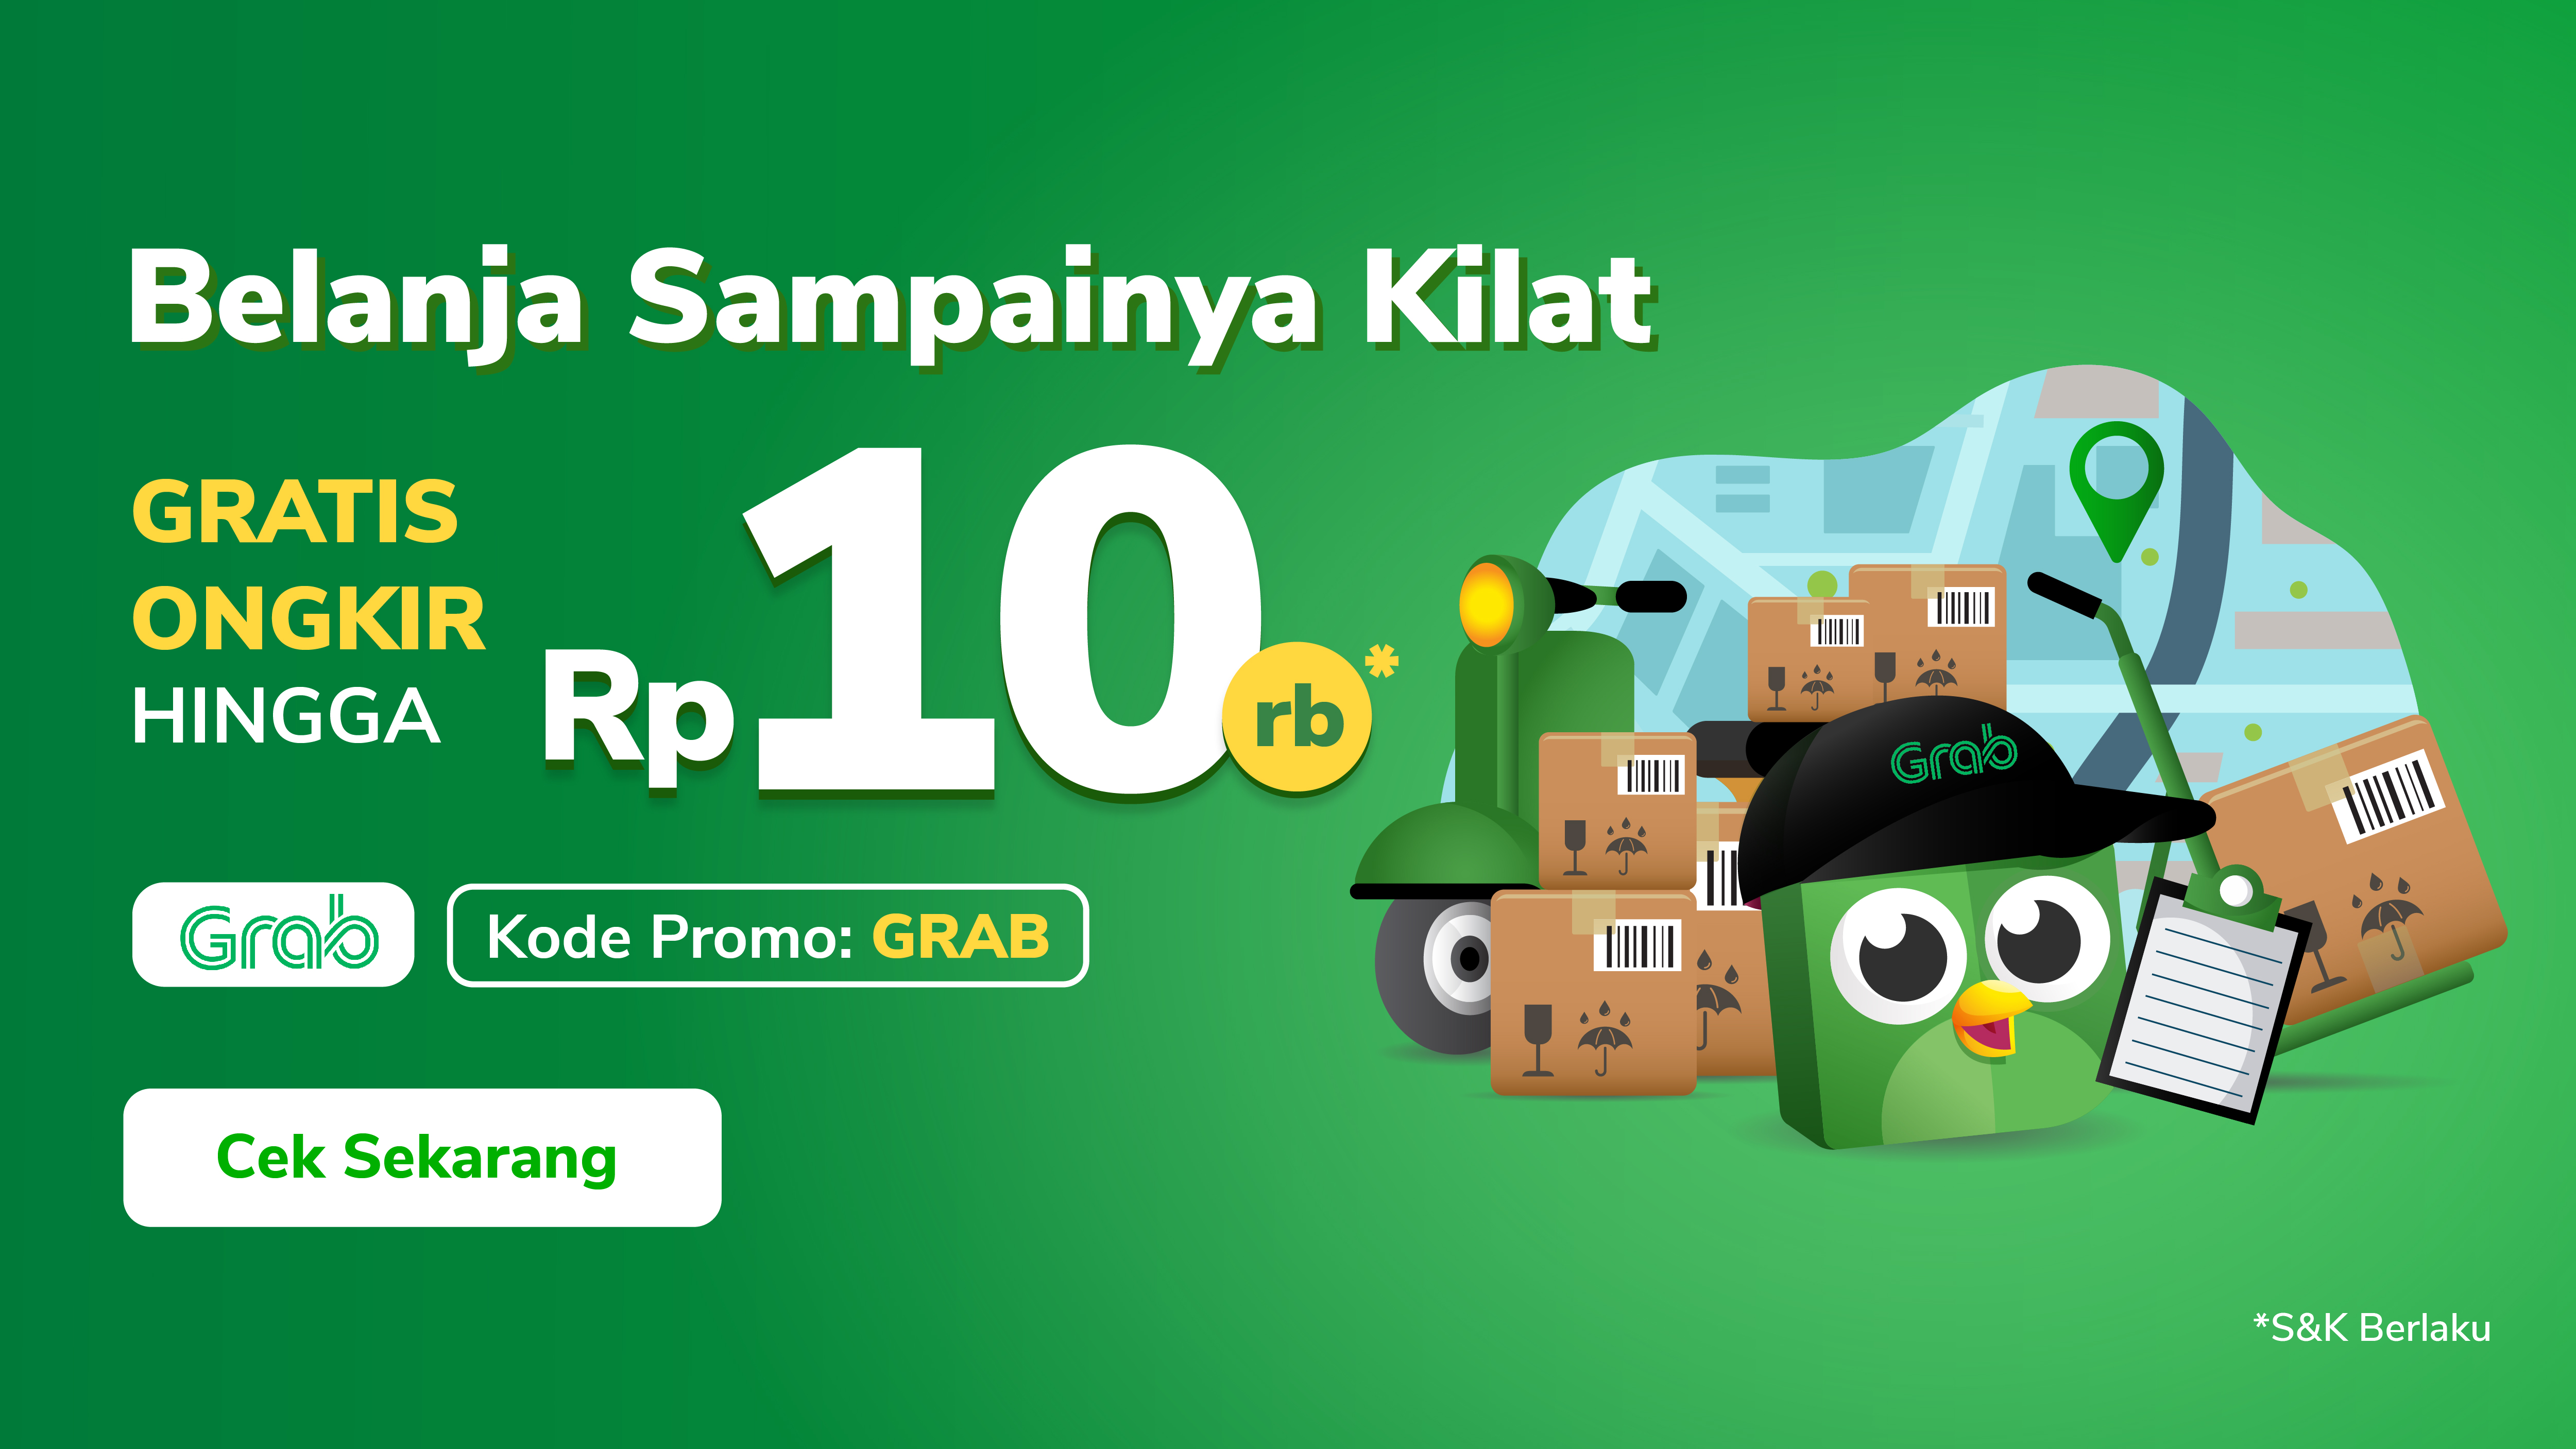 Belanja Kebutuhan dengan Grab, Gratis Ongkir hingga 10rb!